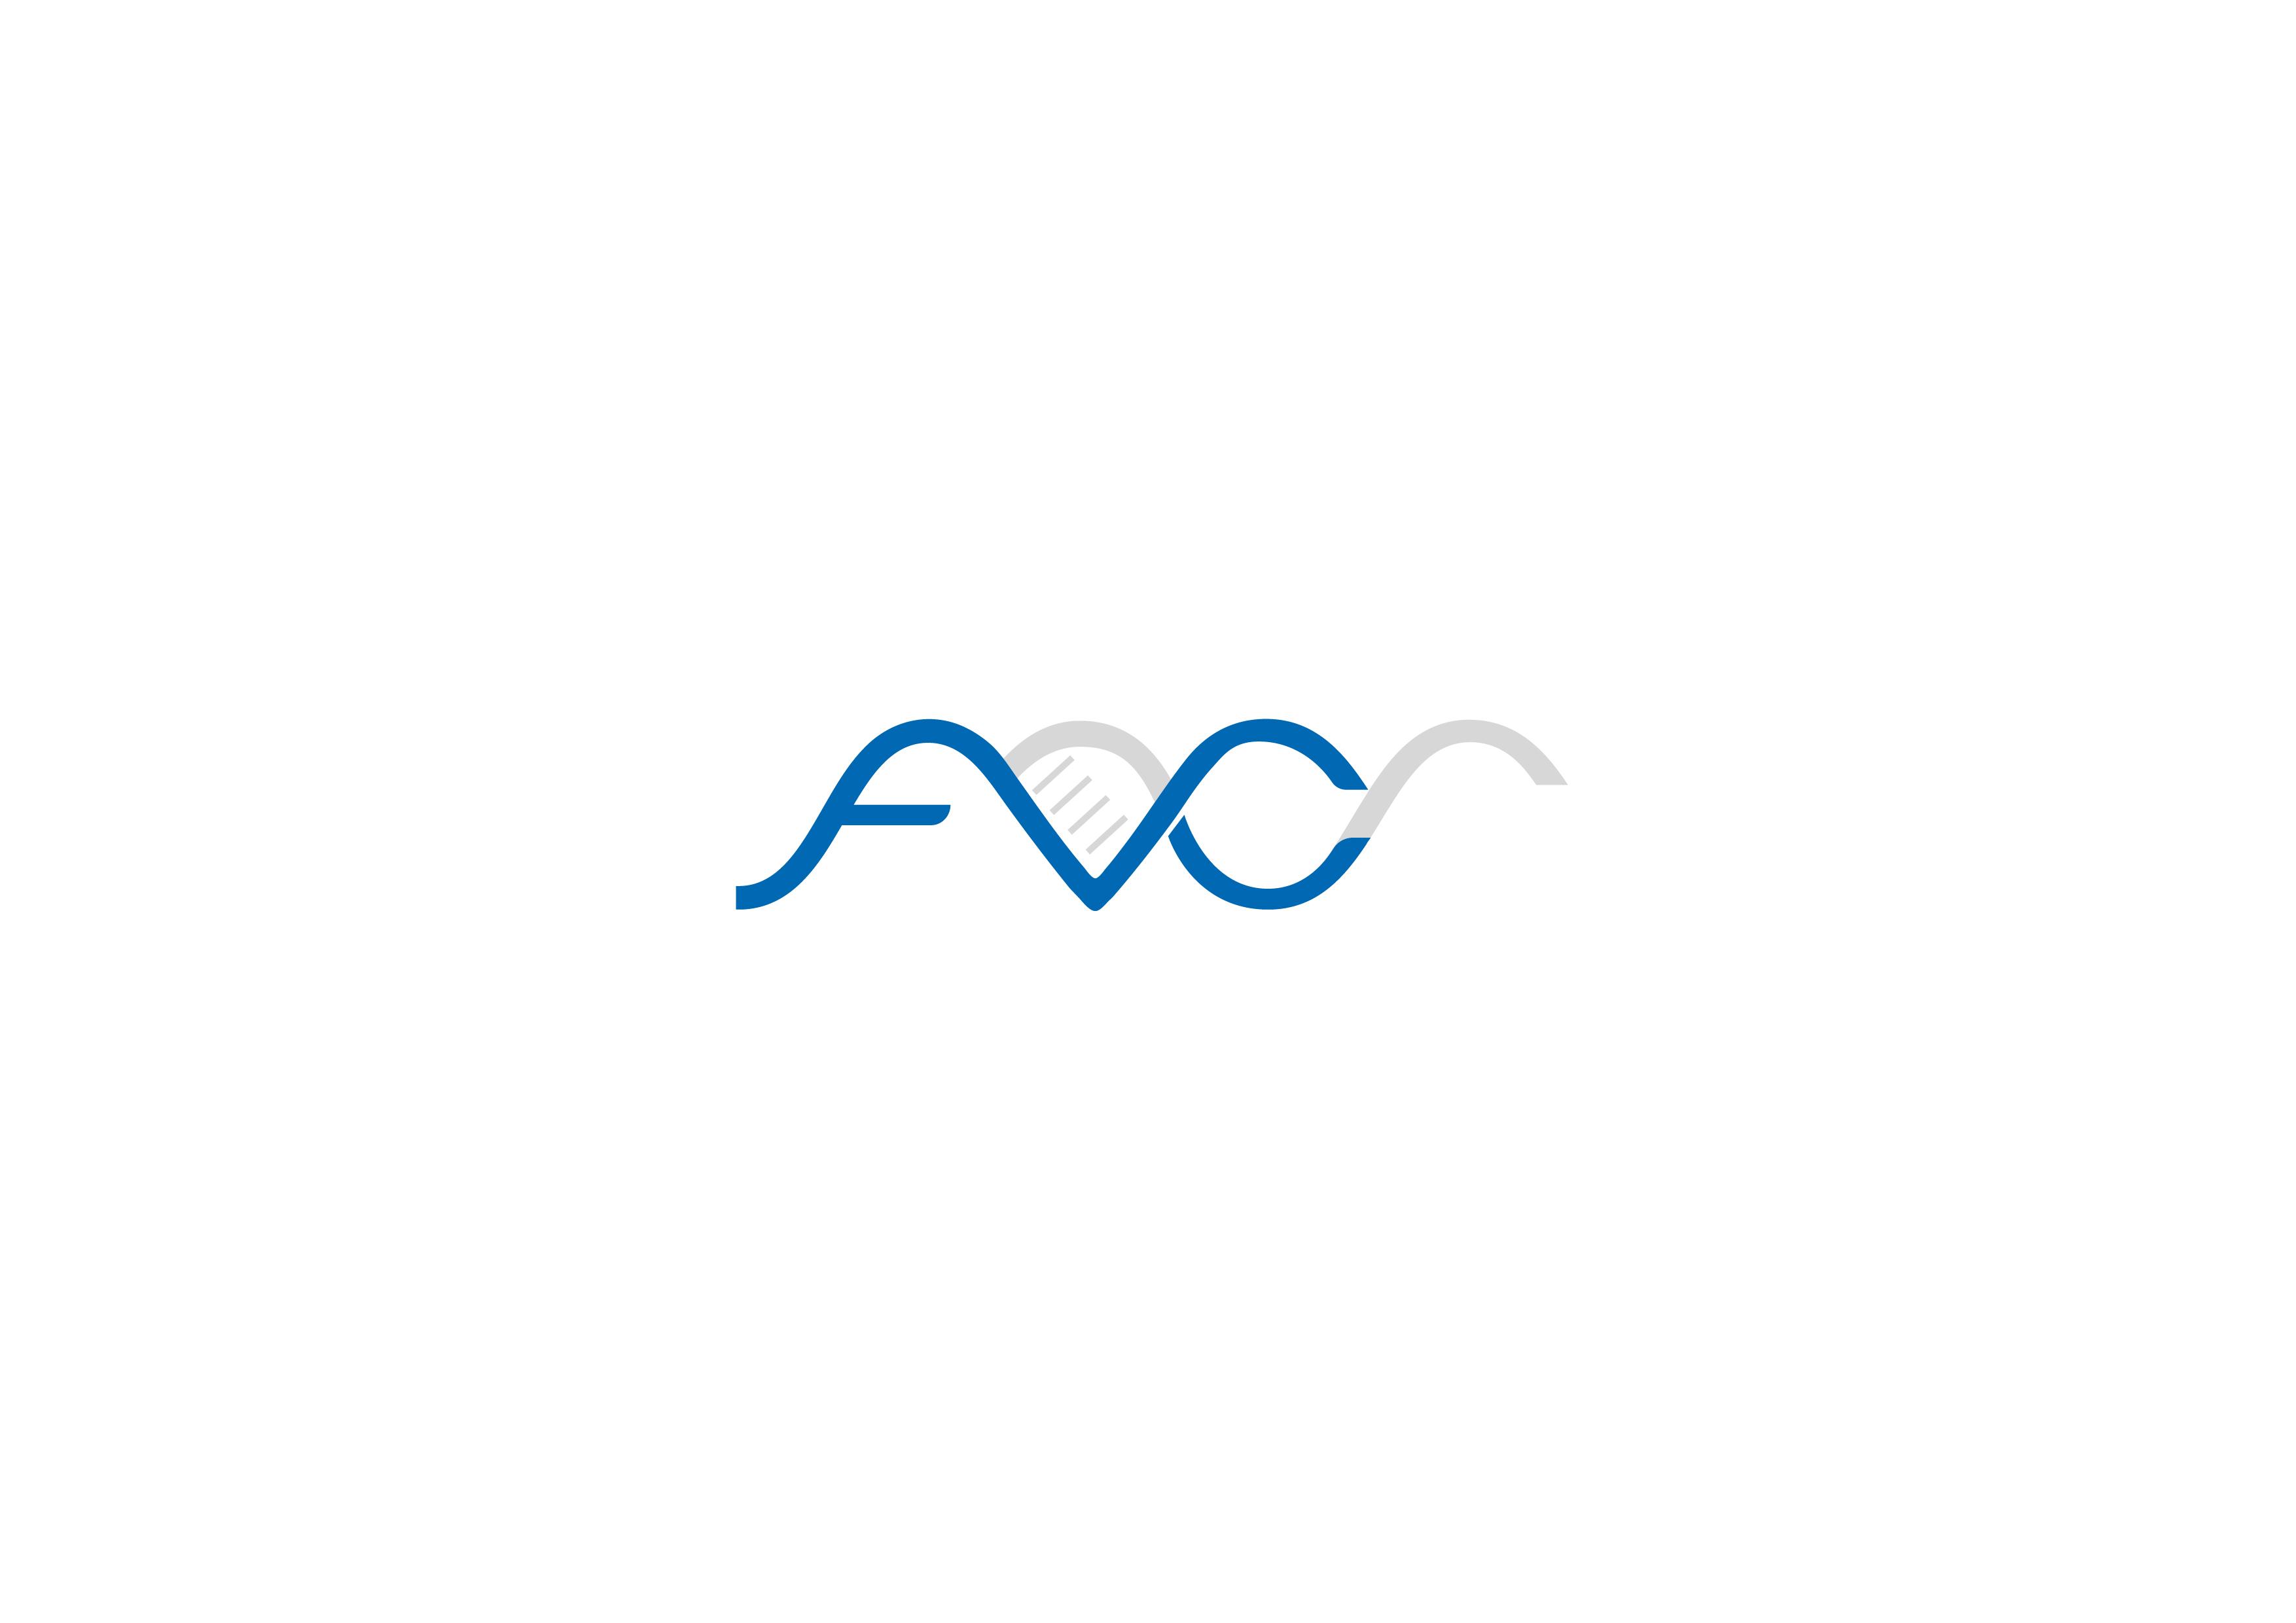 신북리조트의 계열사 (주)에프브이씨의 로고